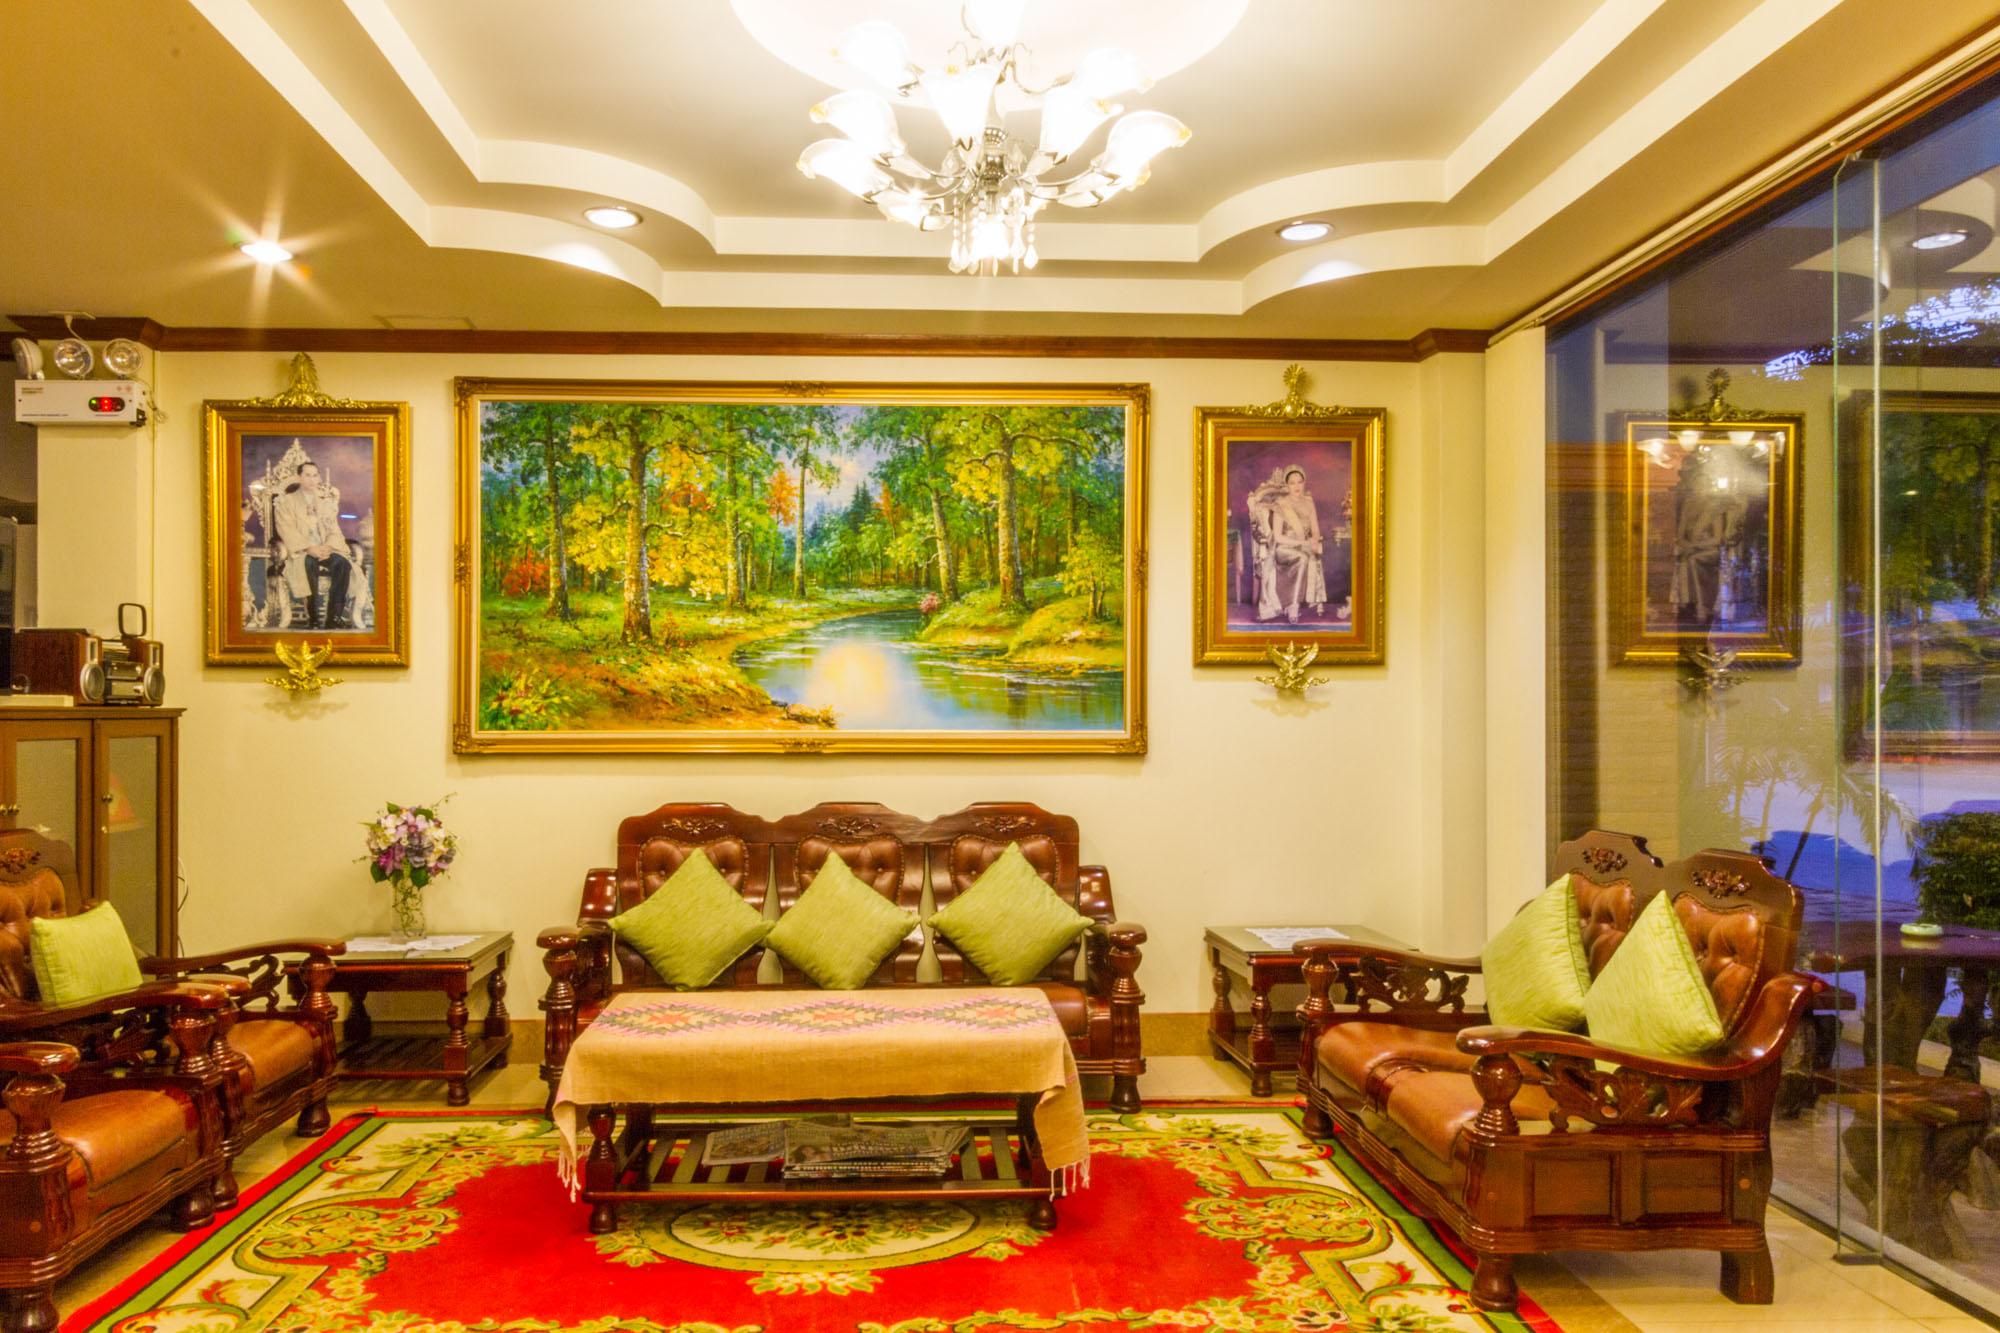 โรงแรมกระบี่เพชรไพลิน เมืองกระบี่  โรงแรมกระบี่เพชรไพลิน โฮเทล (Krabi Phetpailin Hotel) Halal IMG 0016